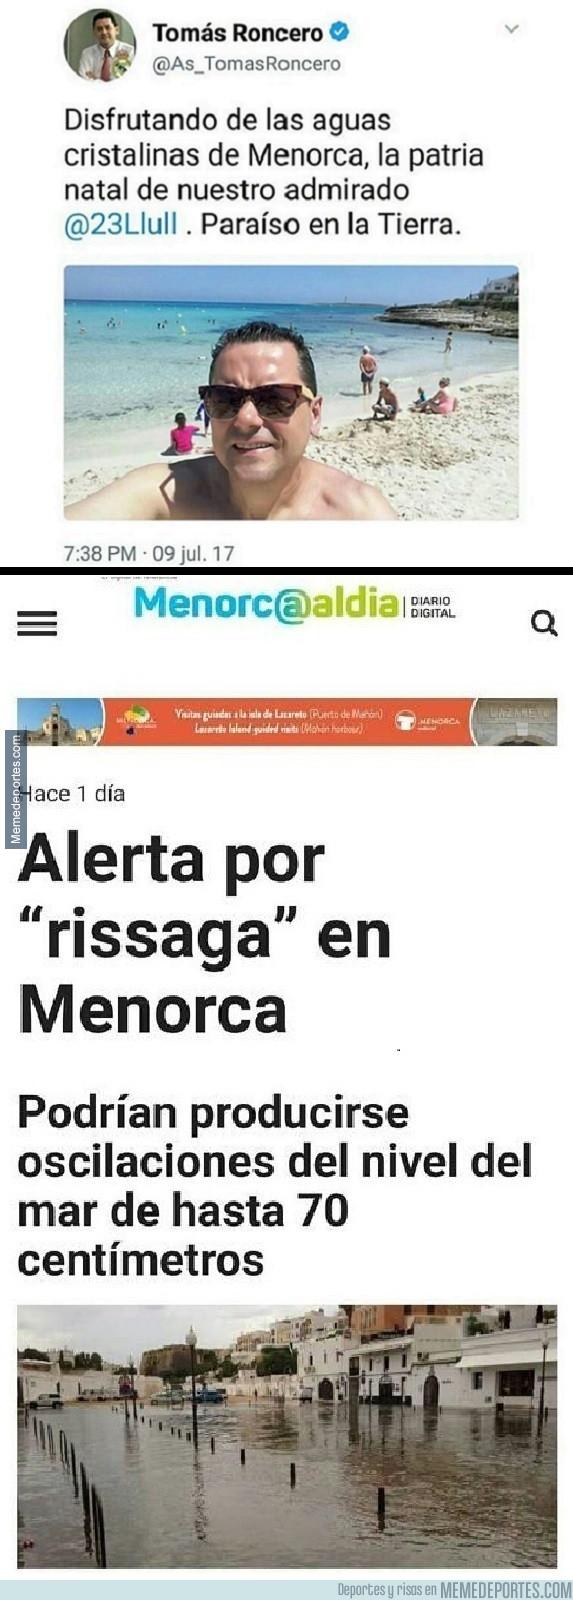 986986 - Roncero la vuelve a liar con su gafe, y ahora el damnificado es Menorca